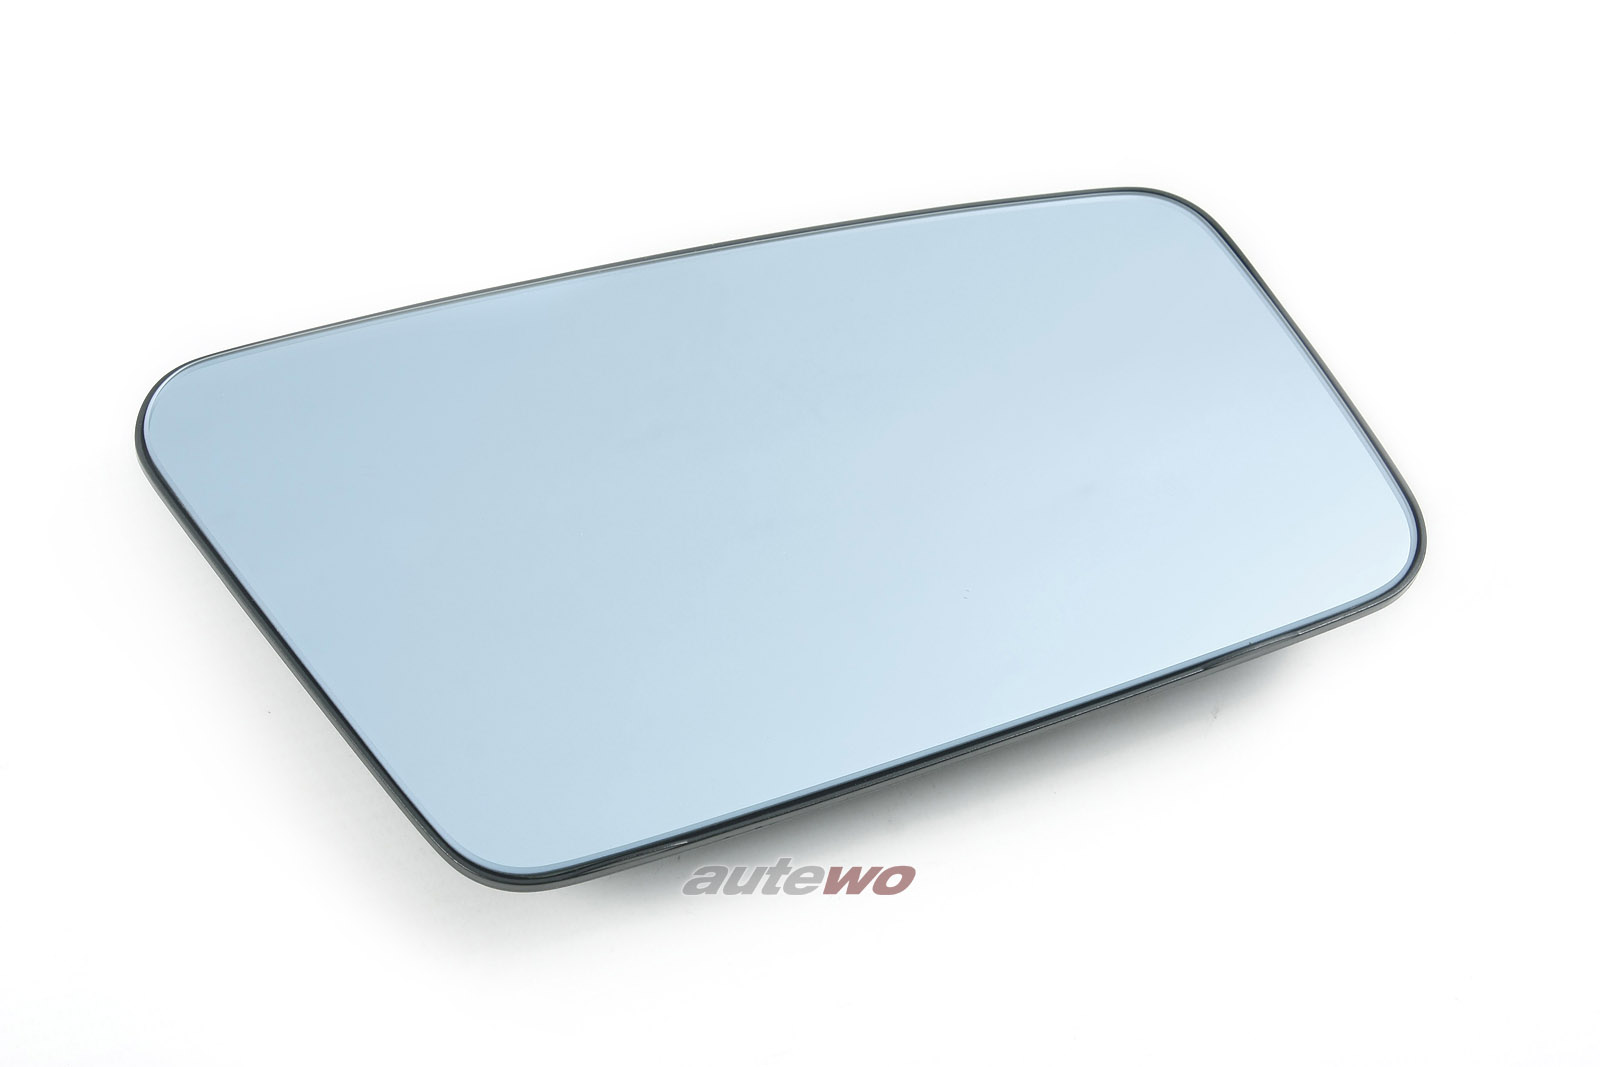 444857536N NEU Audi 100/200 Typ 44/V8 D11 Spiegelglas plan & beheizbar Rechts